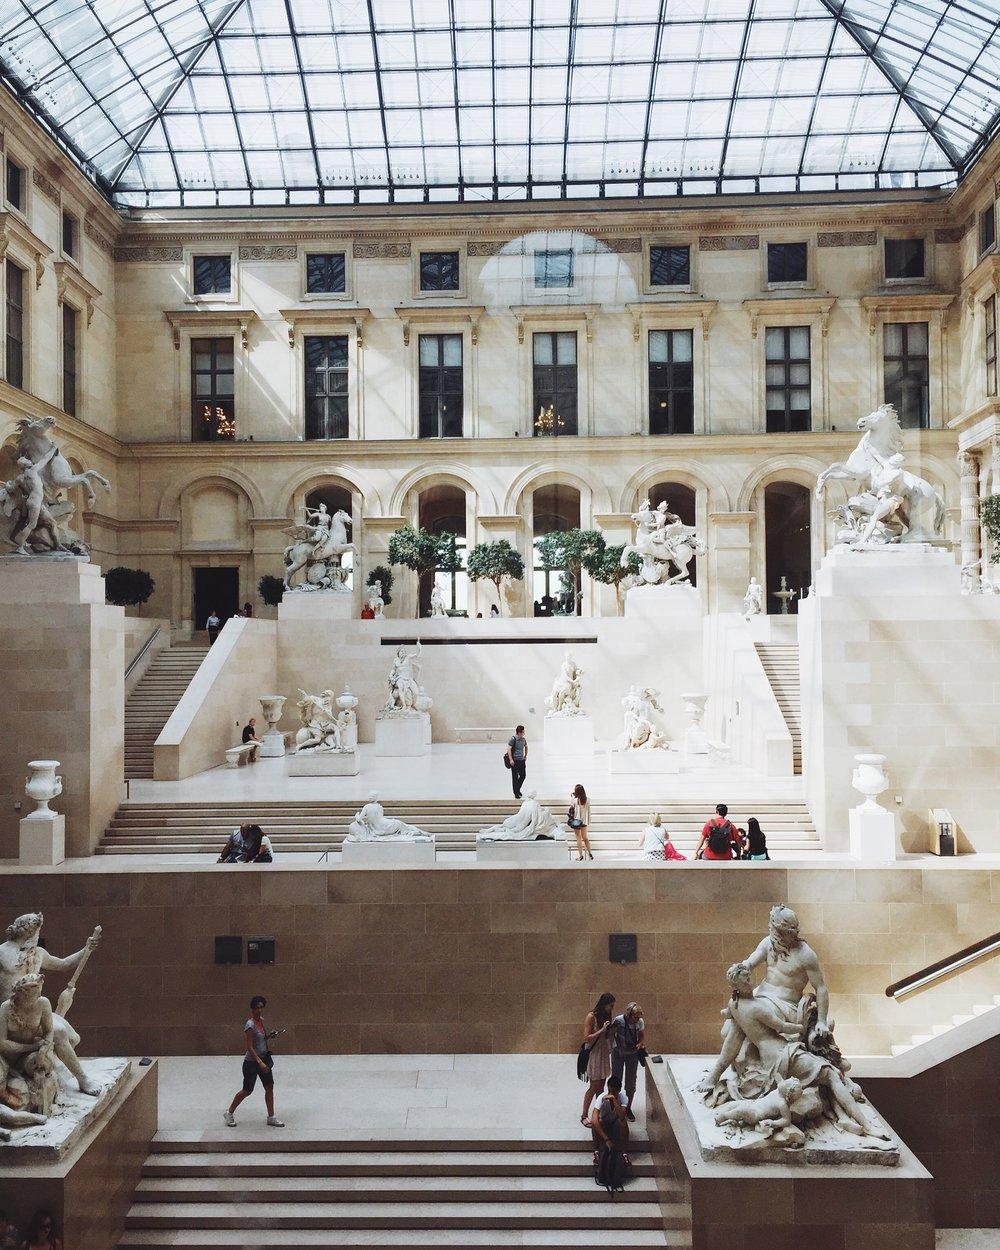 Louvre- Citytrip Paris